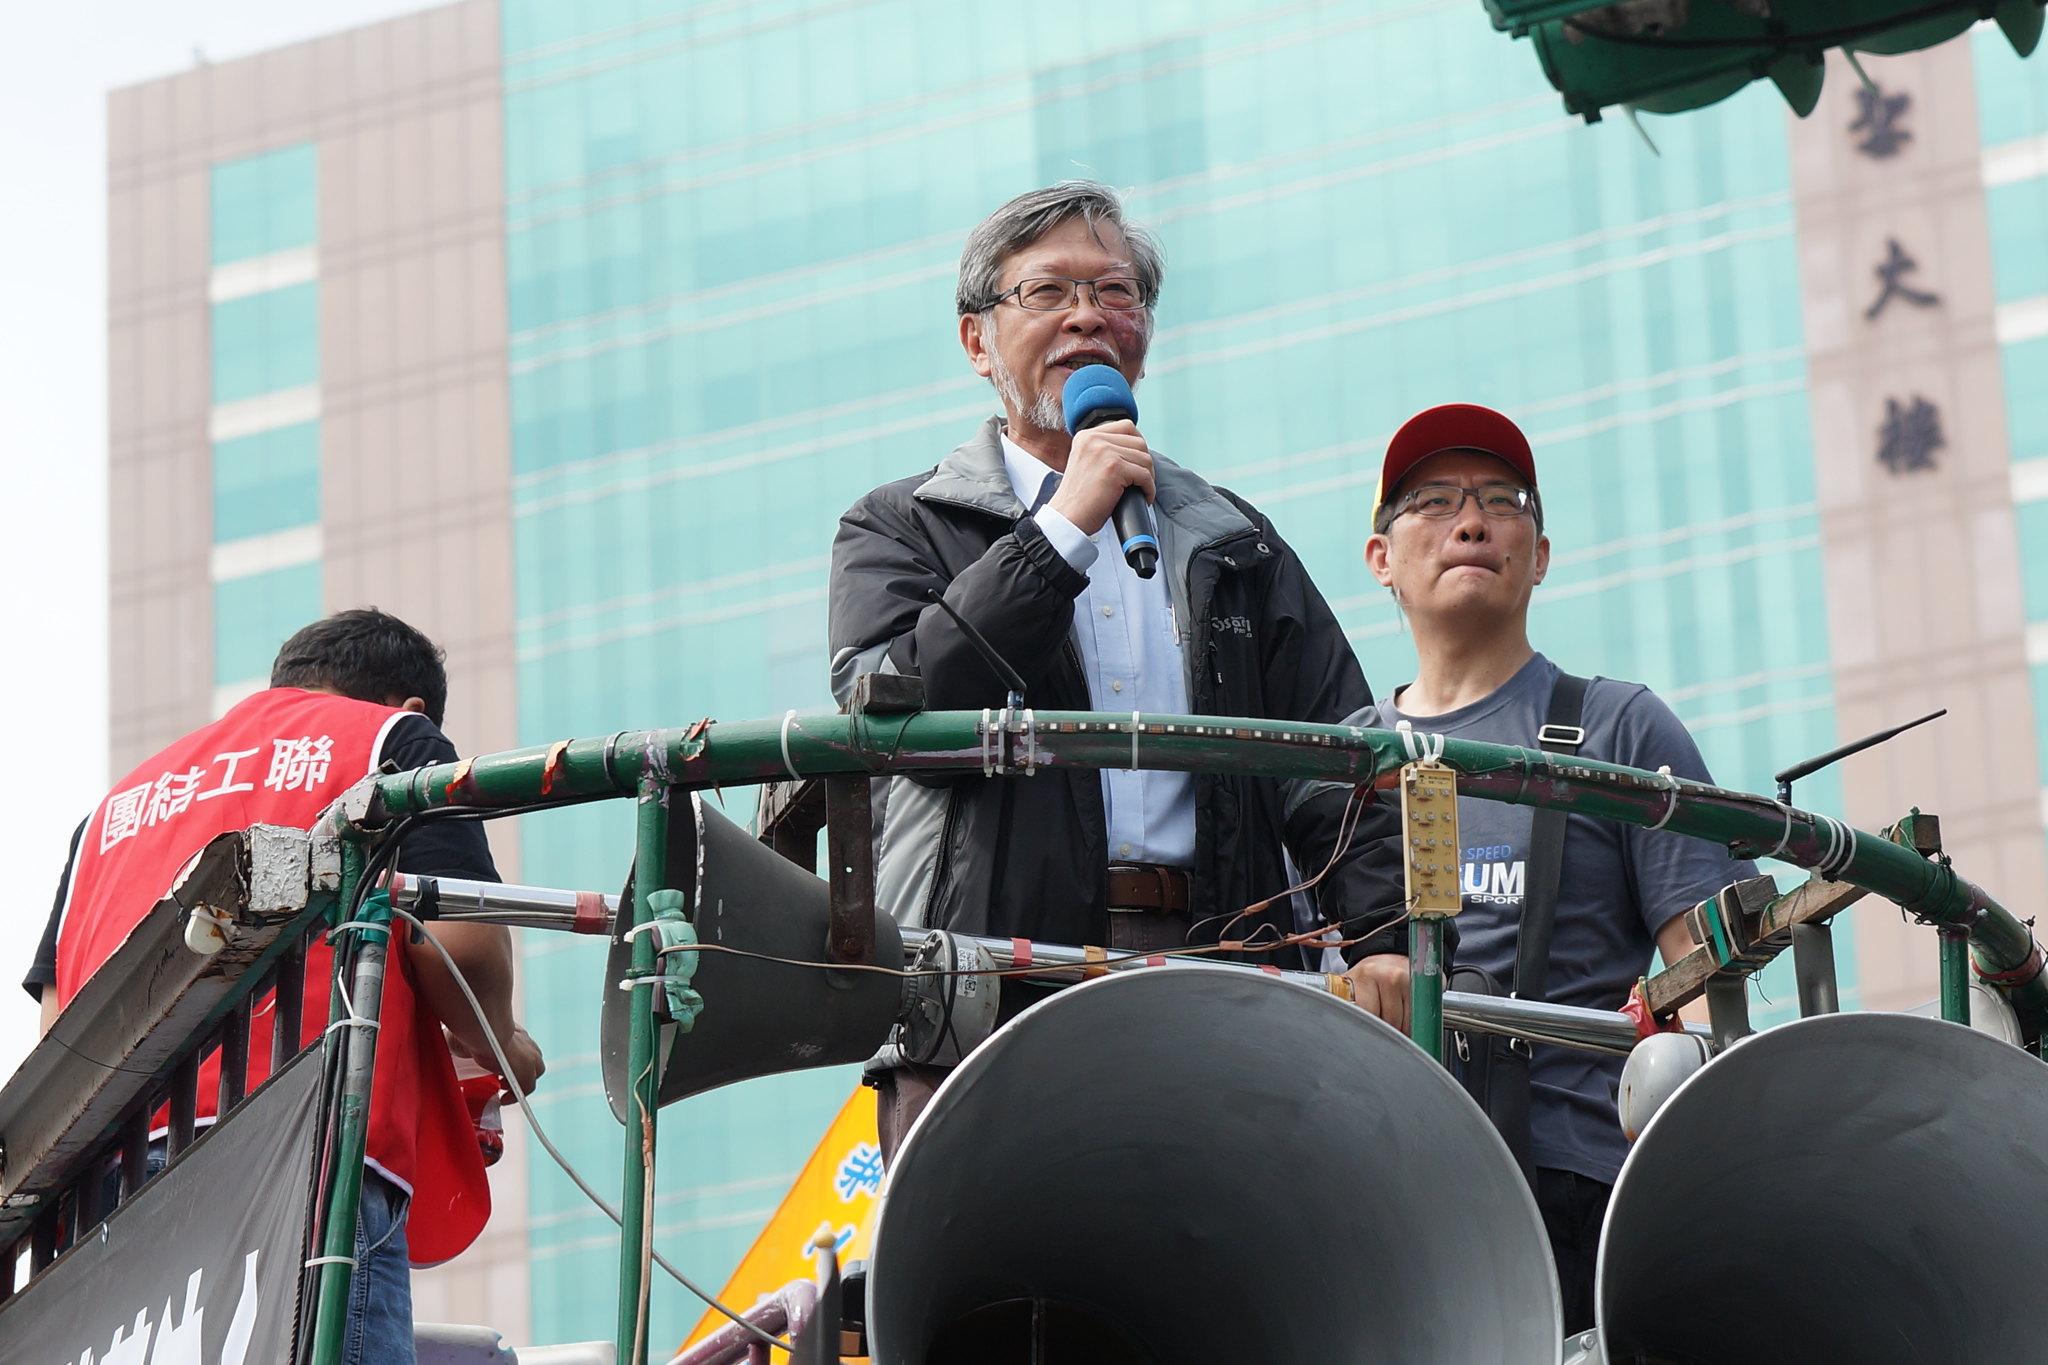 勞動法學權威邱駿彥上街聲援勞工,表態反對此次修法。(攝影:王顥中)